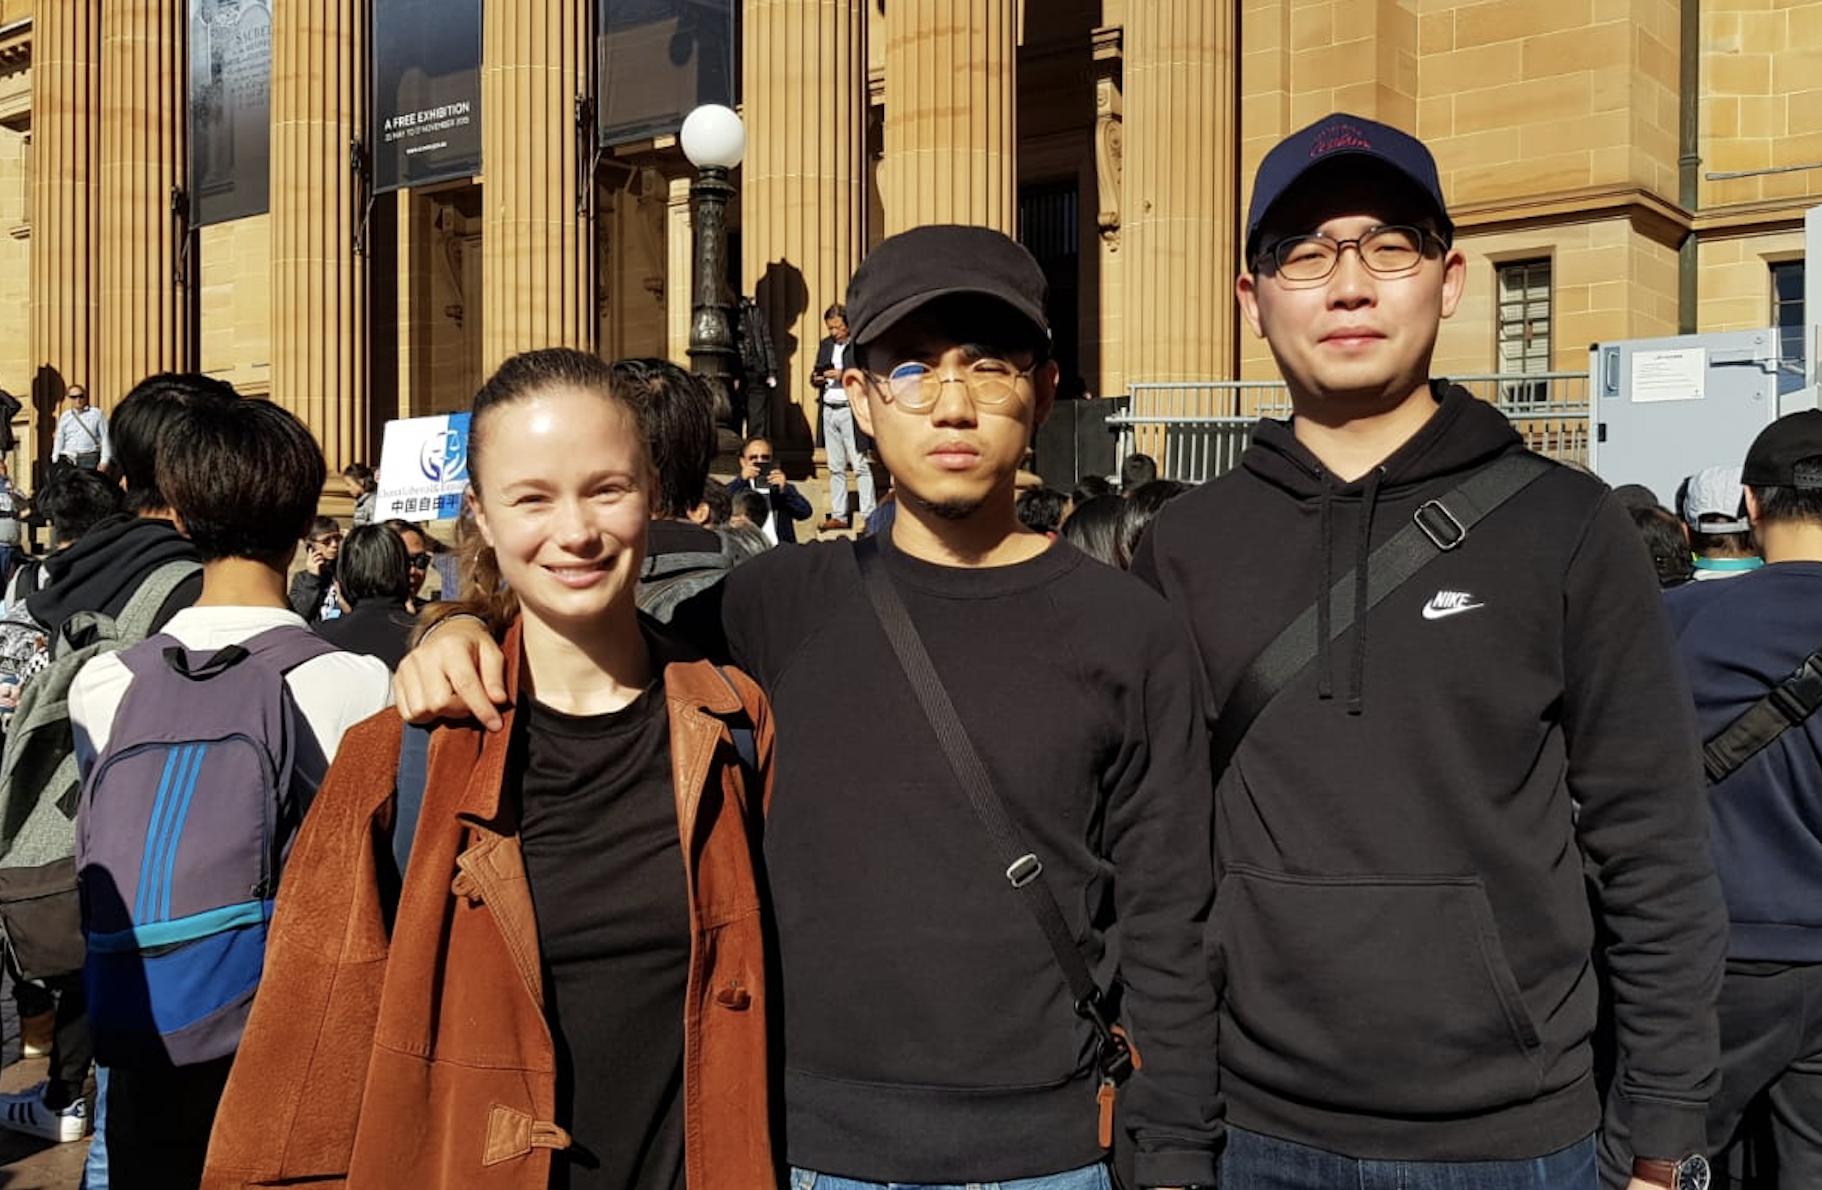 澳洲讀博士的港人戴潤(Dren)(中)和同學到現場聲援。(駱亞/大紀元)